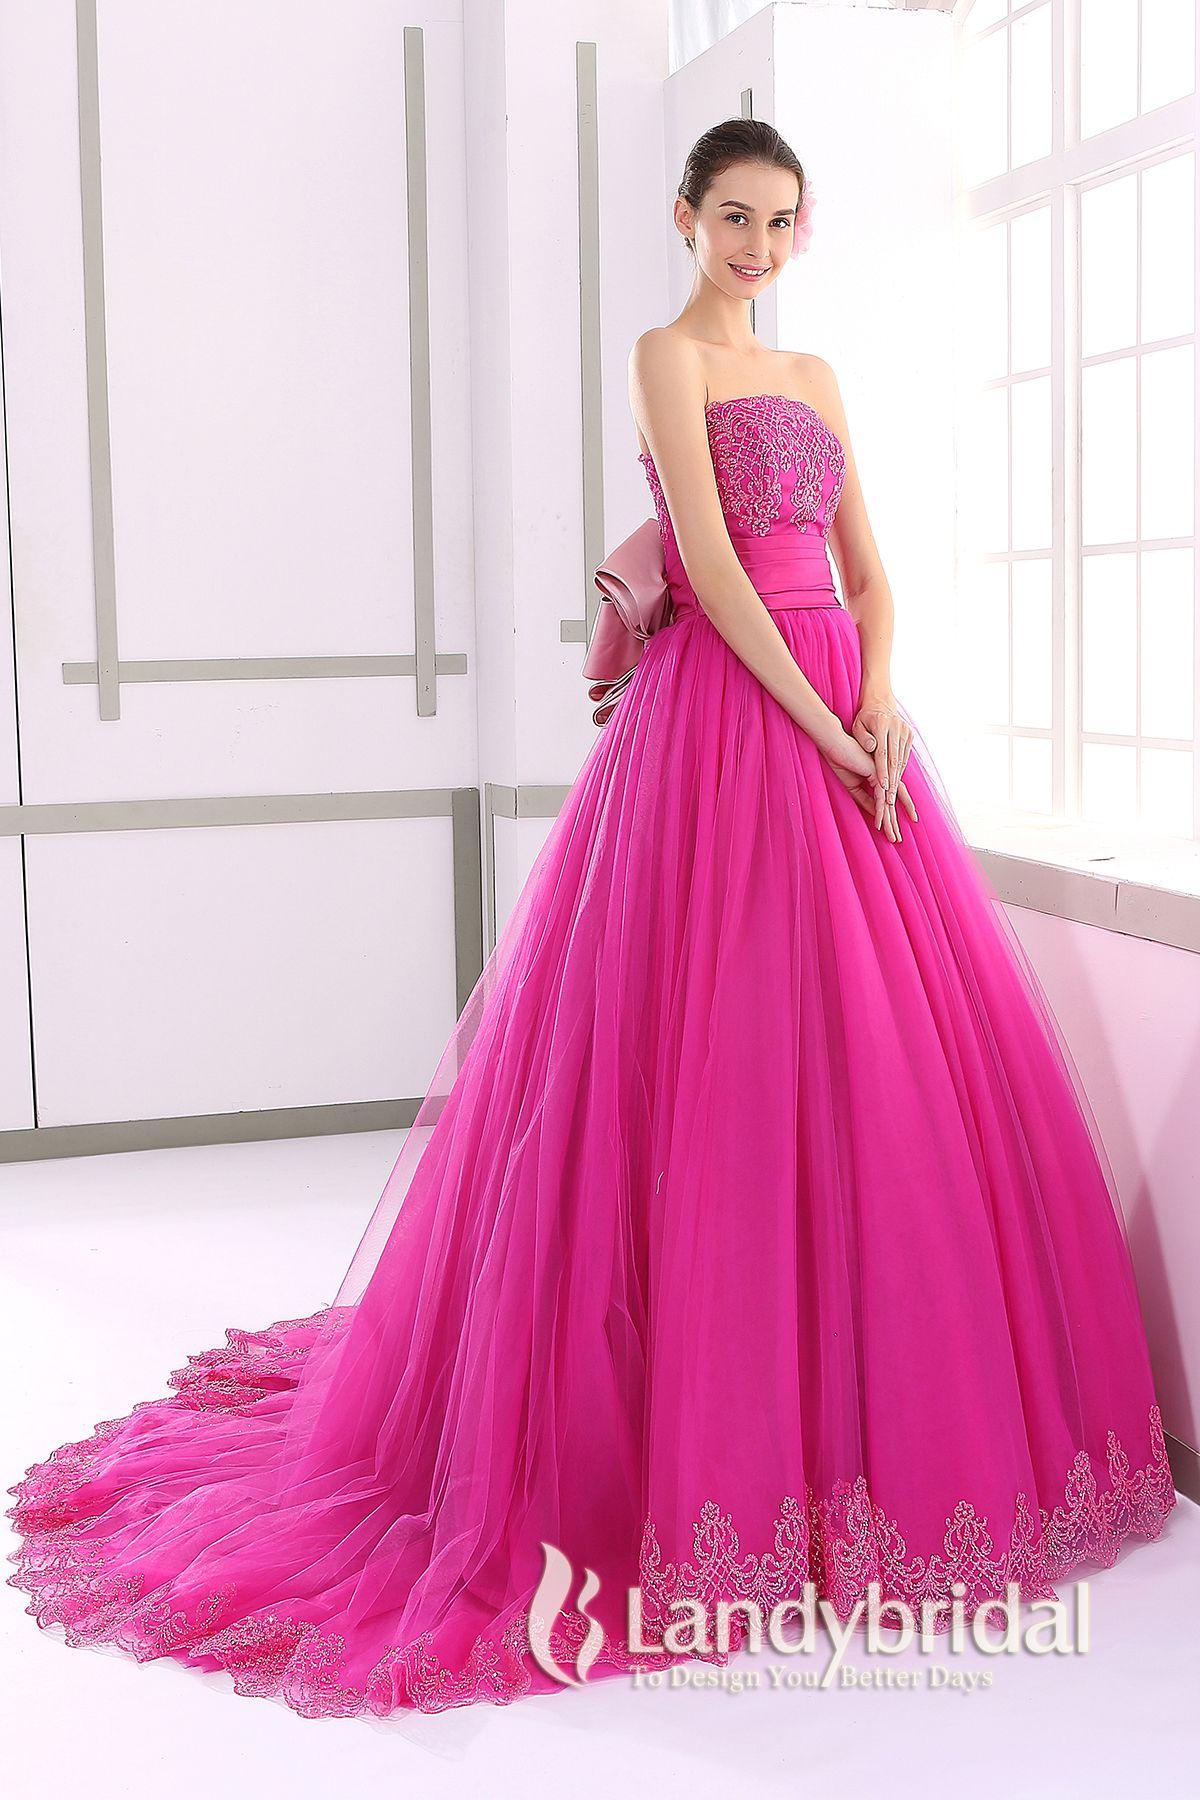 カラードレス プリンセス 取り外し式リボンとトレーン ビスチェ チェリーピンク JUL015003